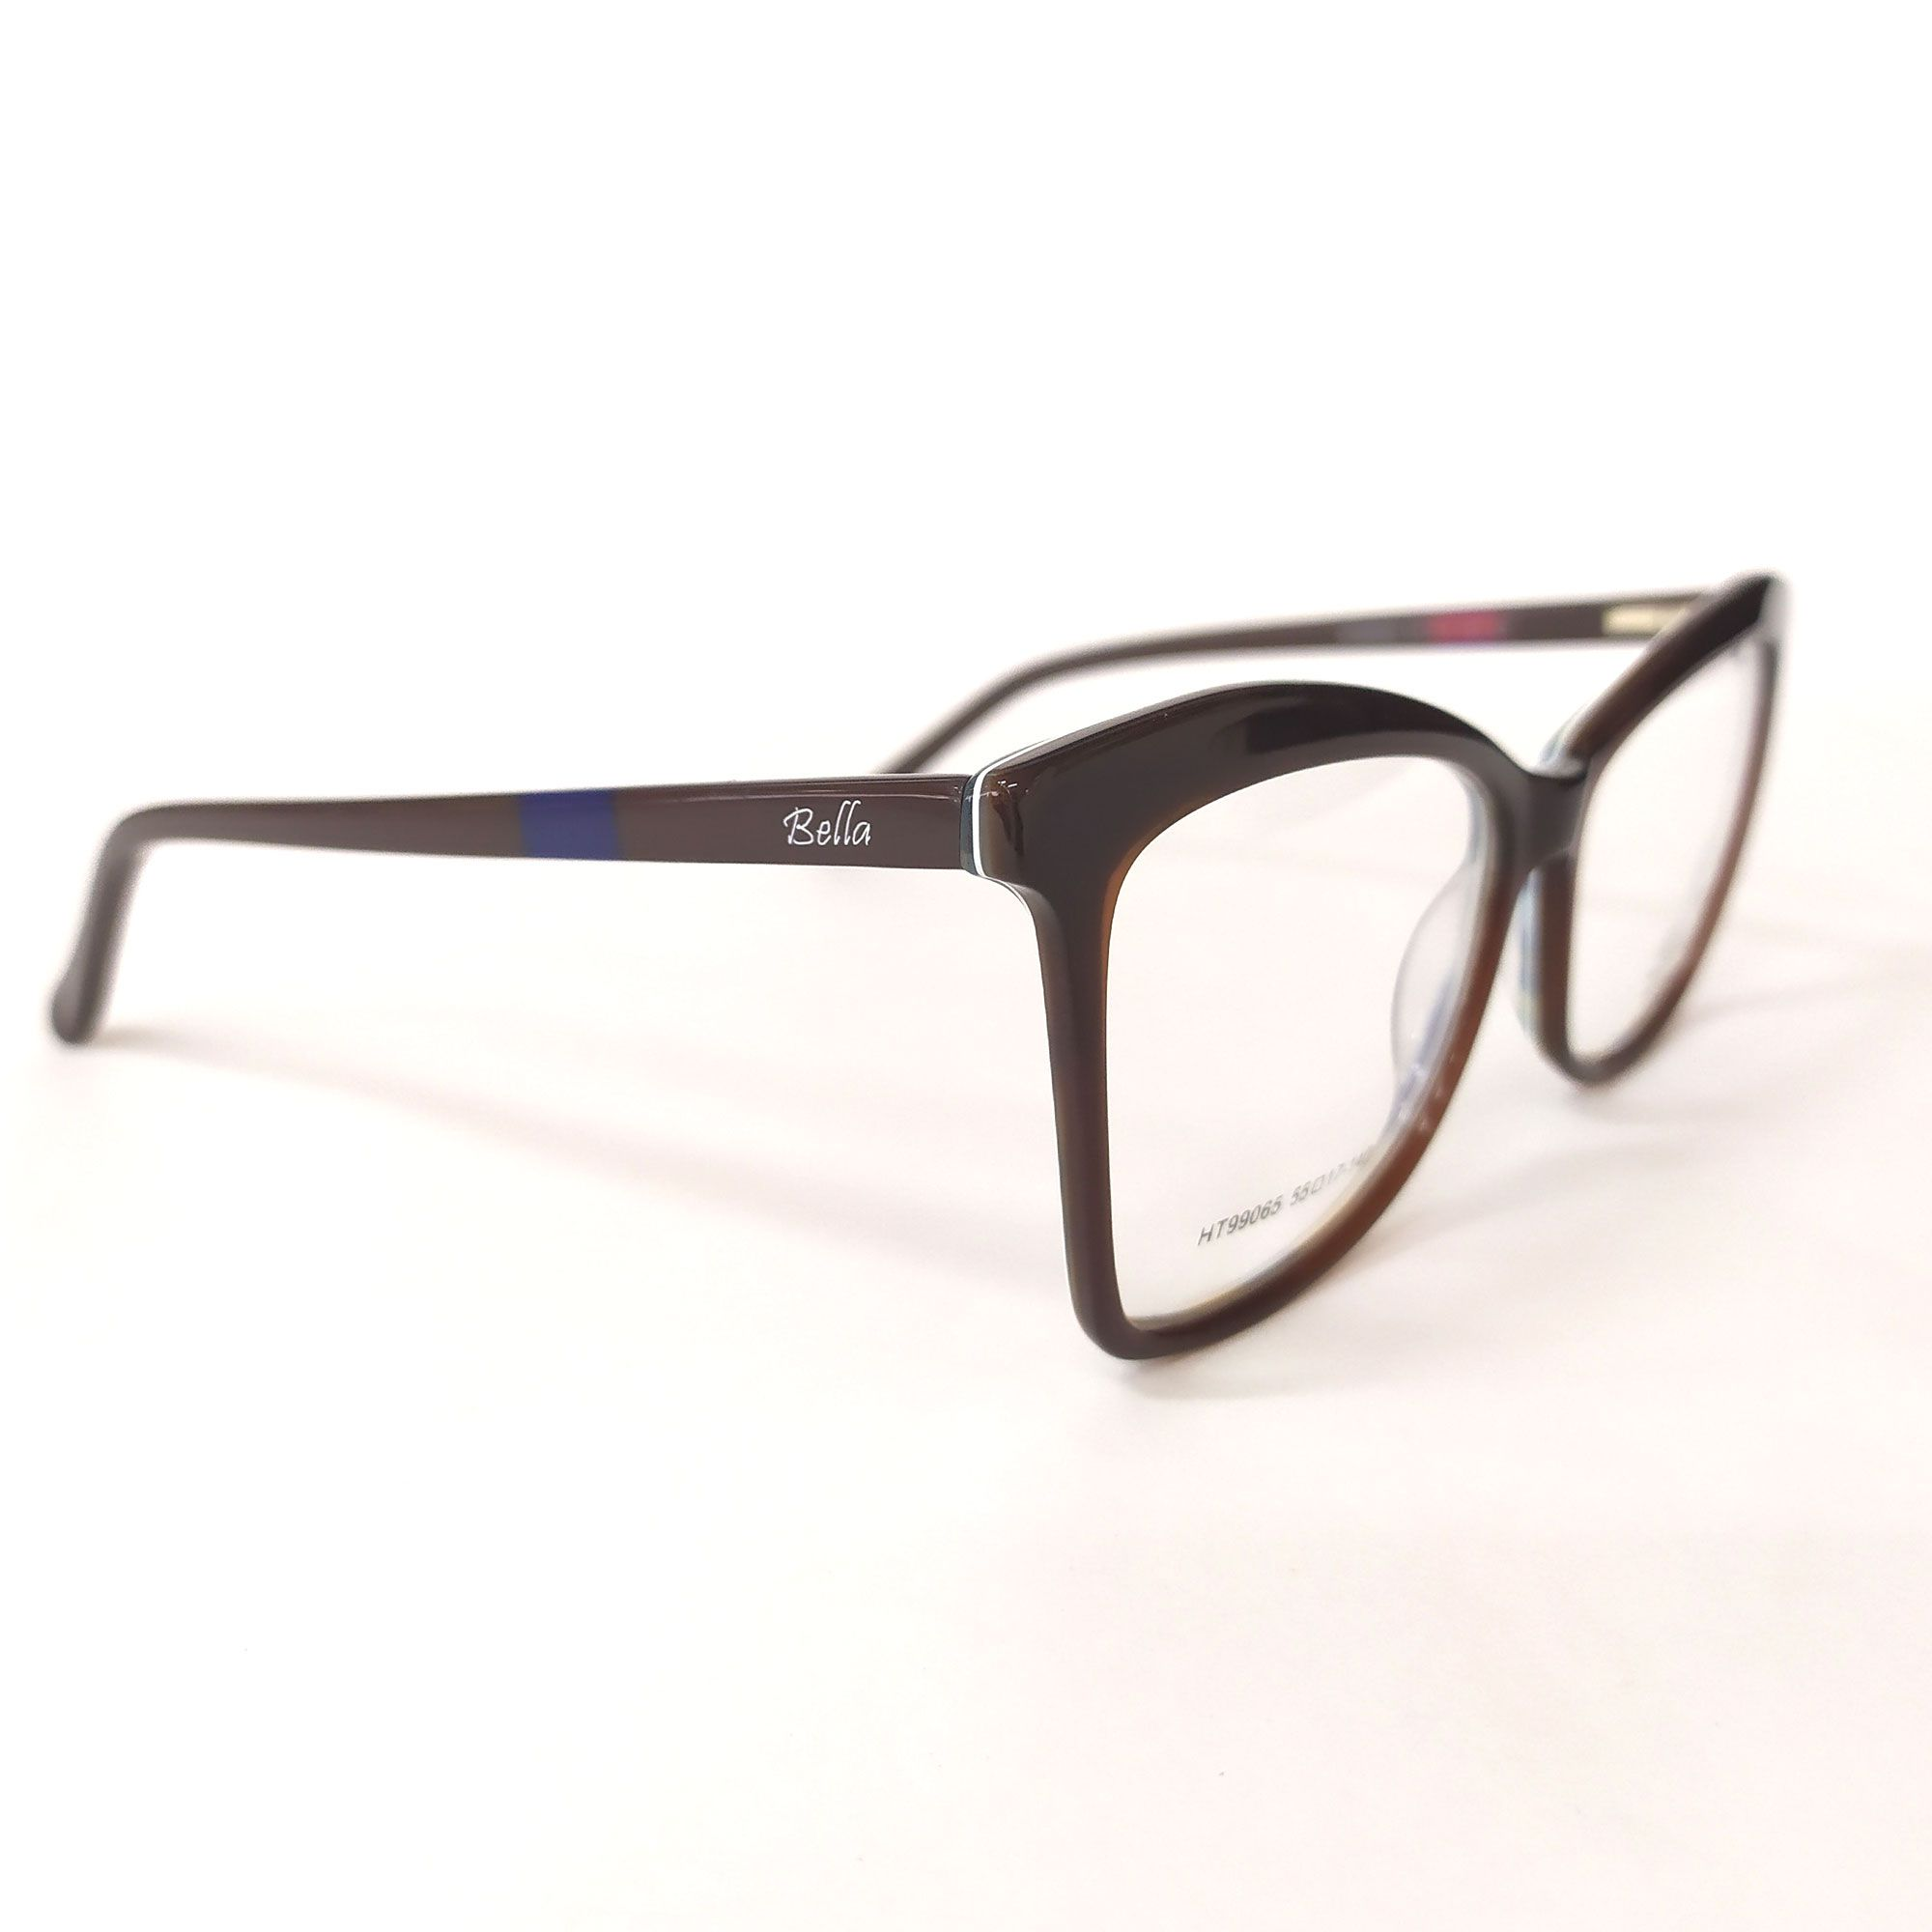 Óculos de Grau Bella Marrom HT99065